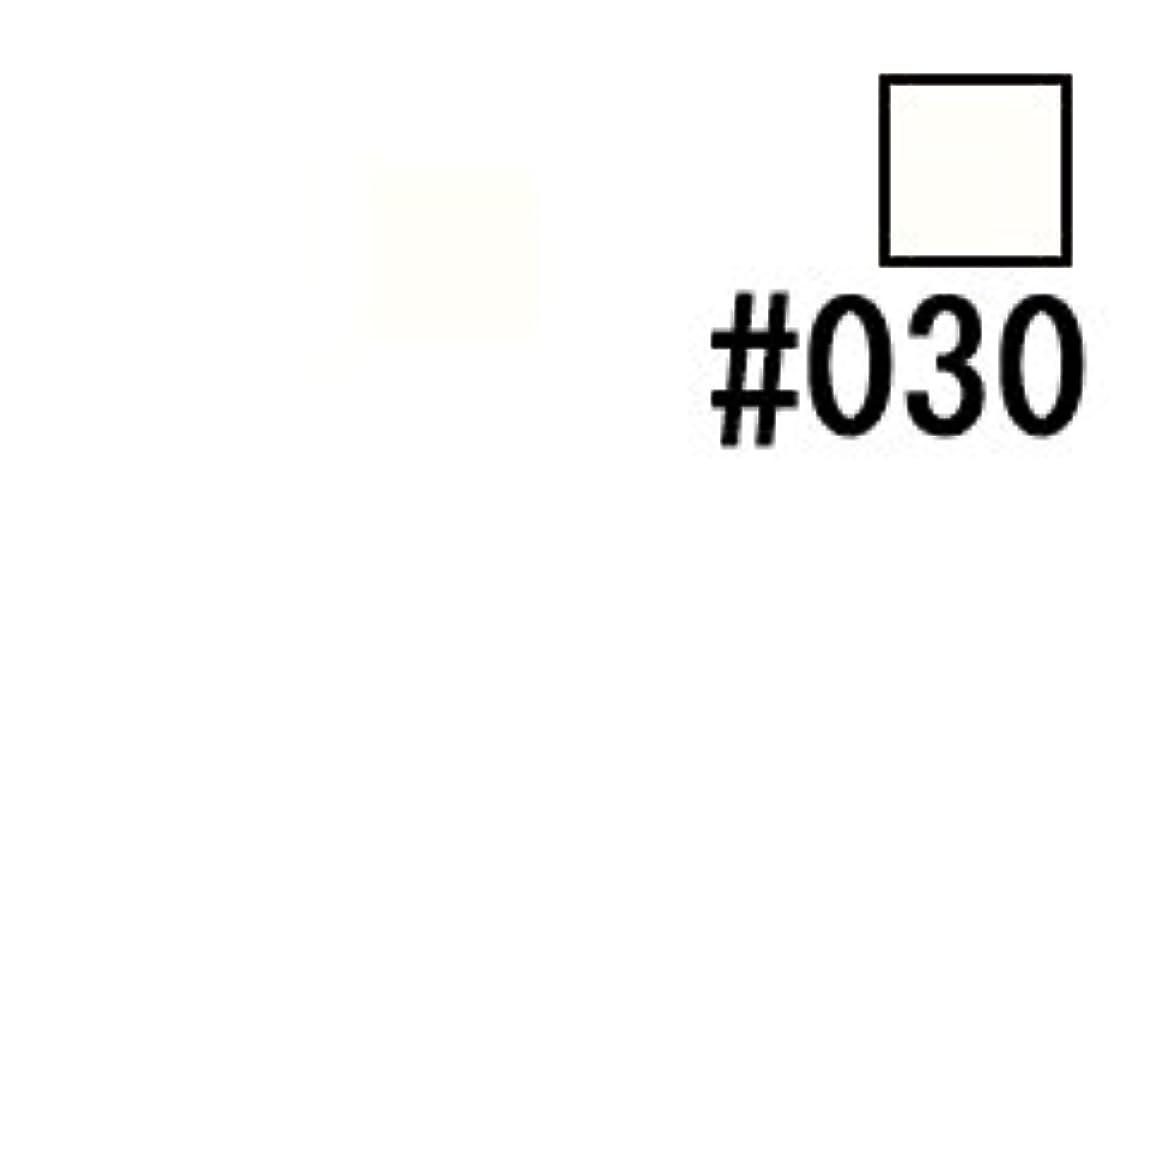 謙虚単位頭【レブロン】パヒューマリー センティド ネイルエナメル #030 11.7ml [並行輸入品]